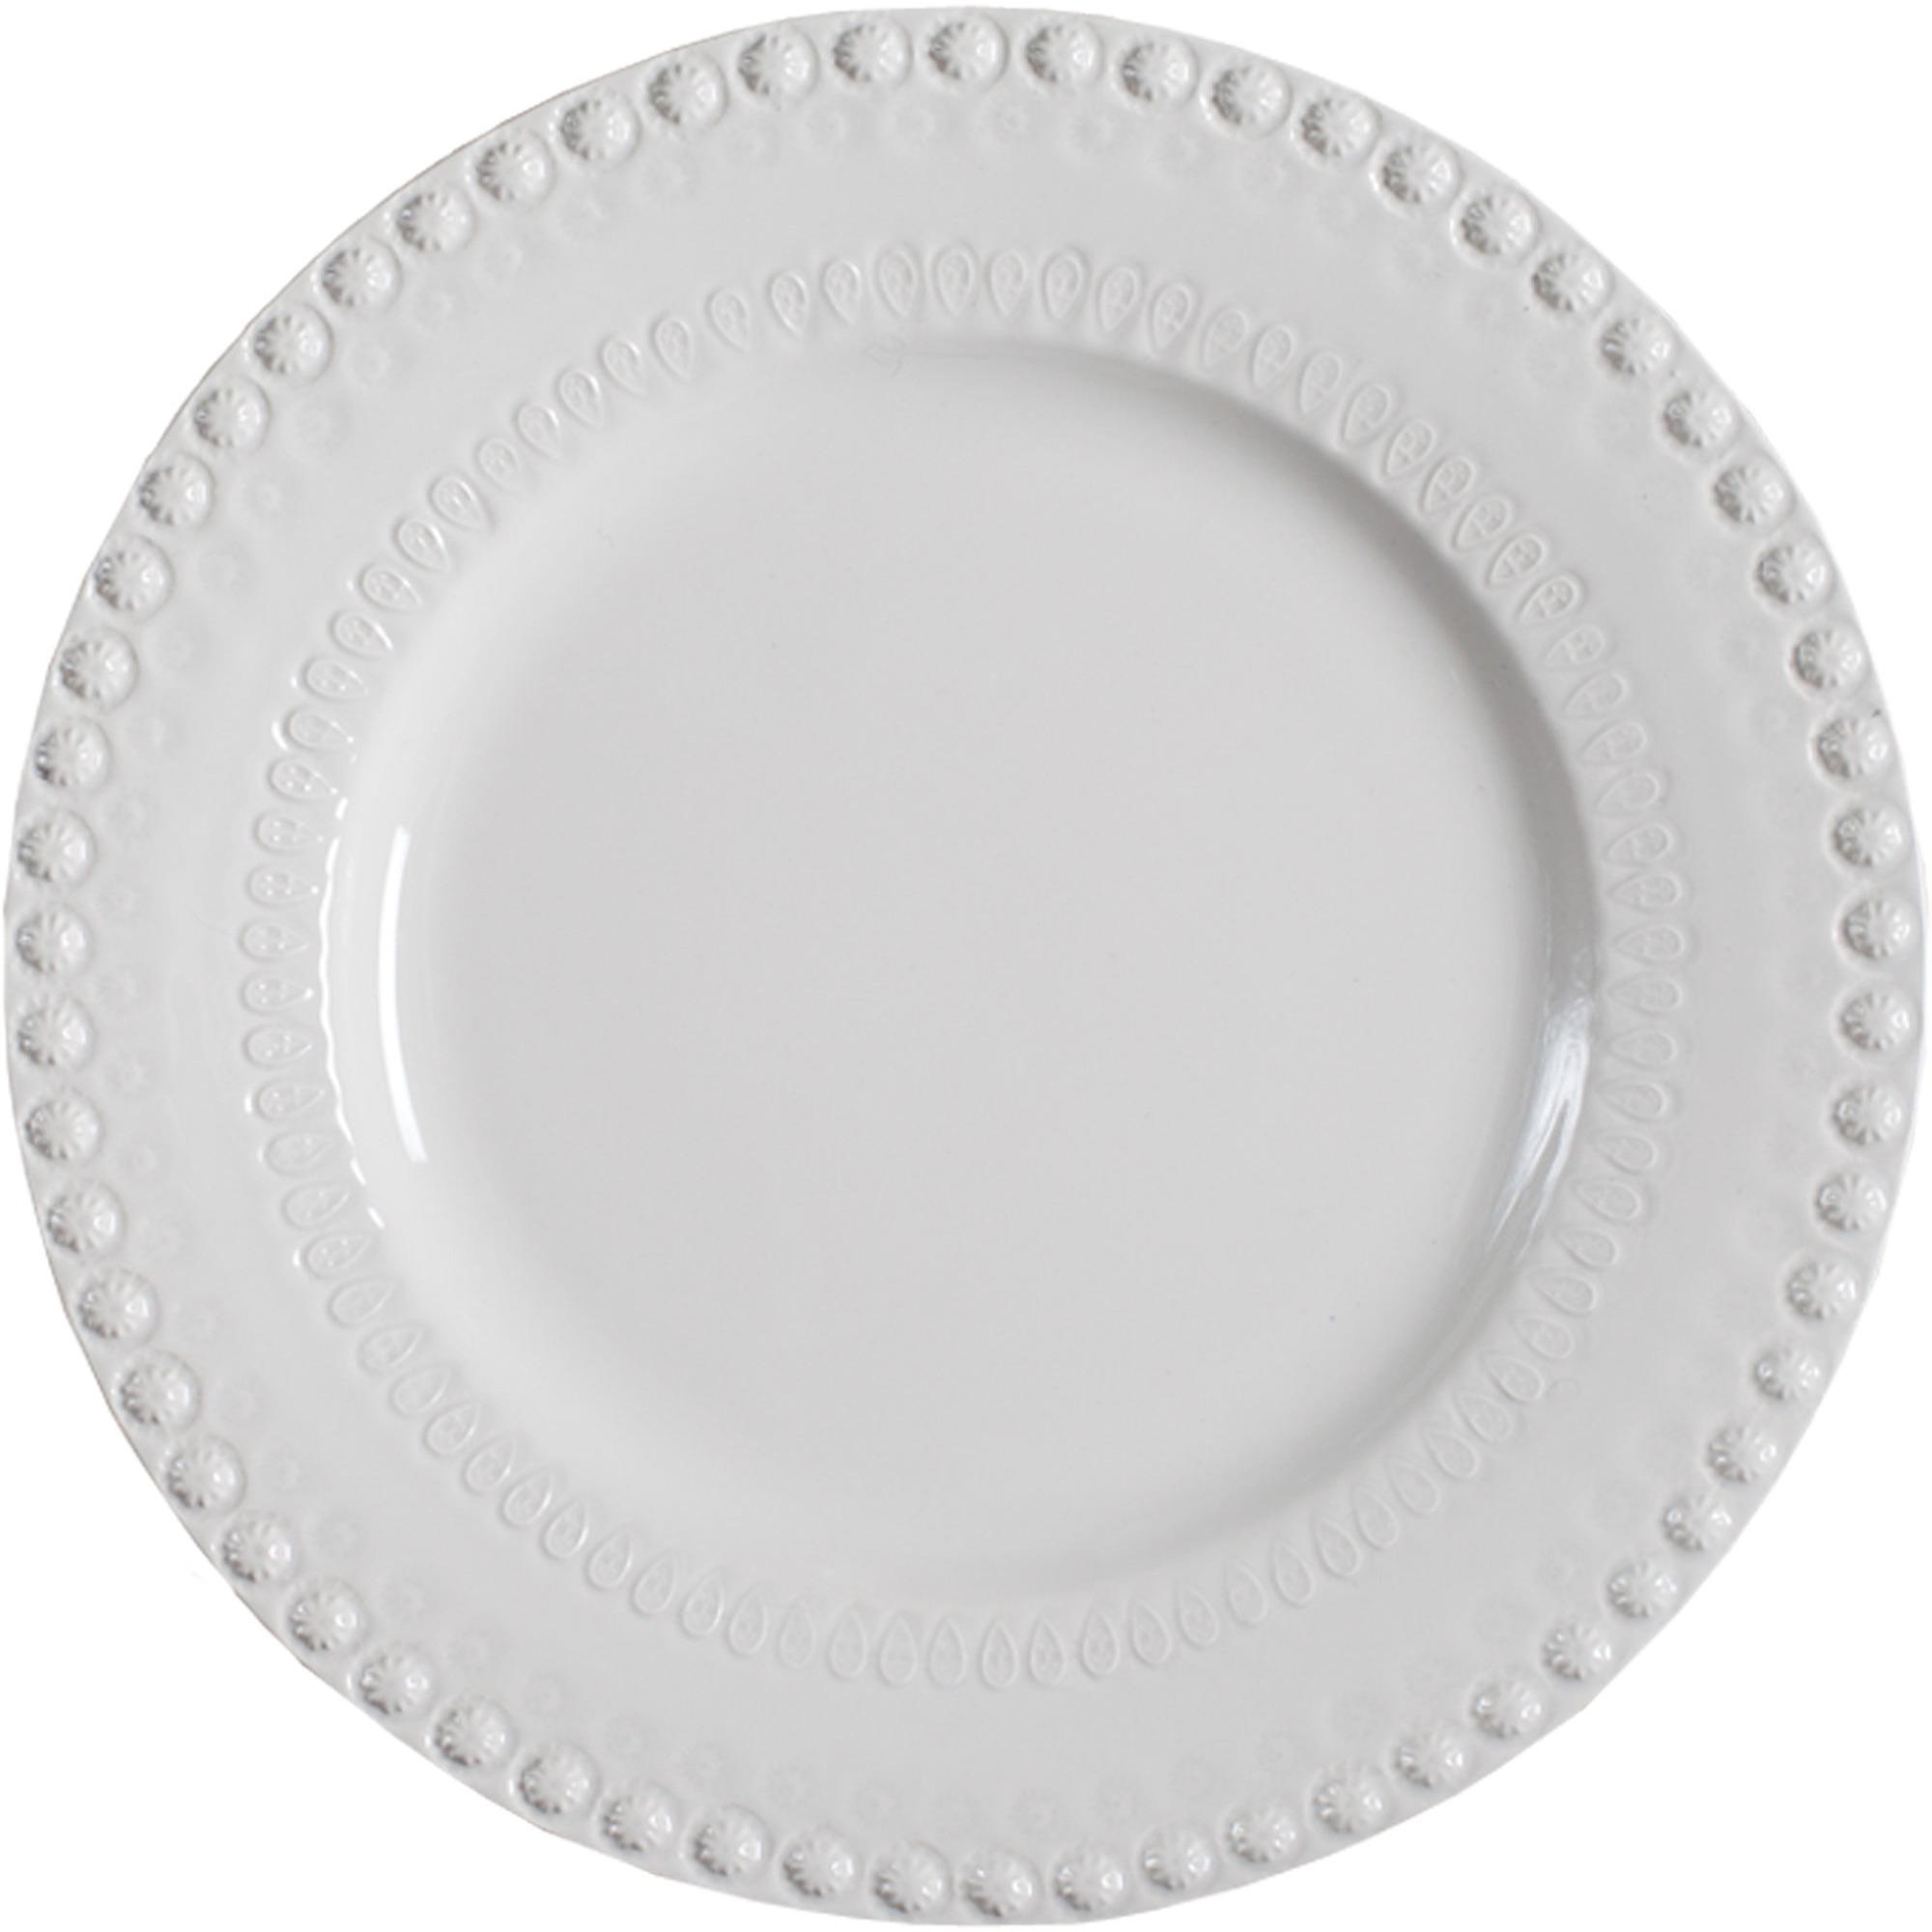 PotteryJo Daisy Underläggstallrik 35 cm White